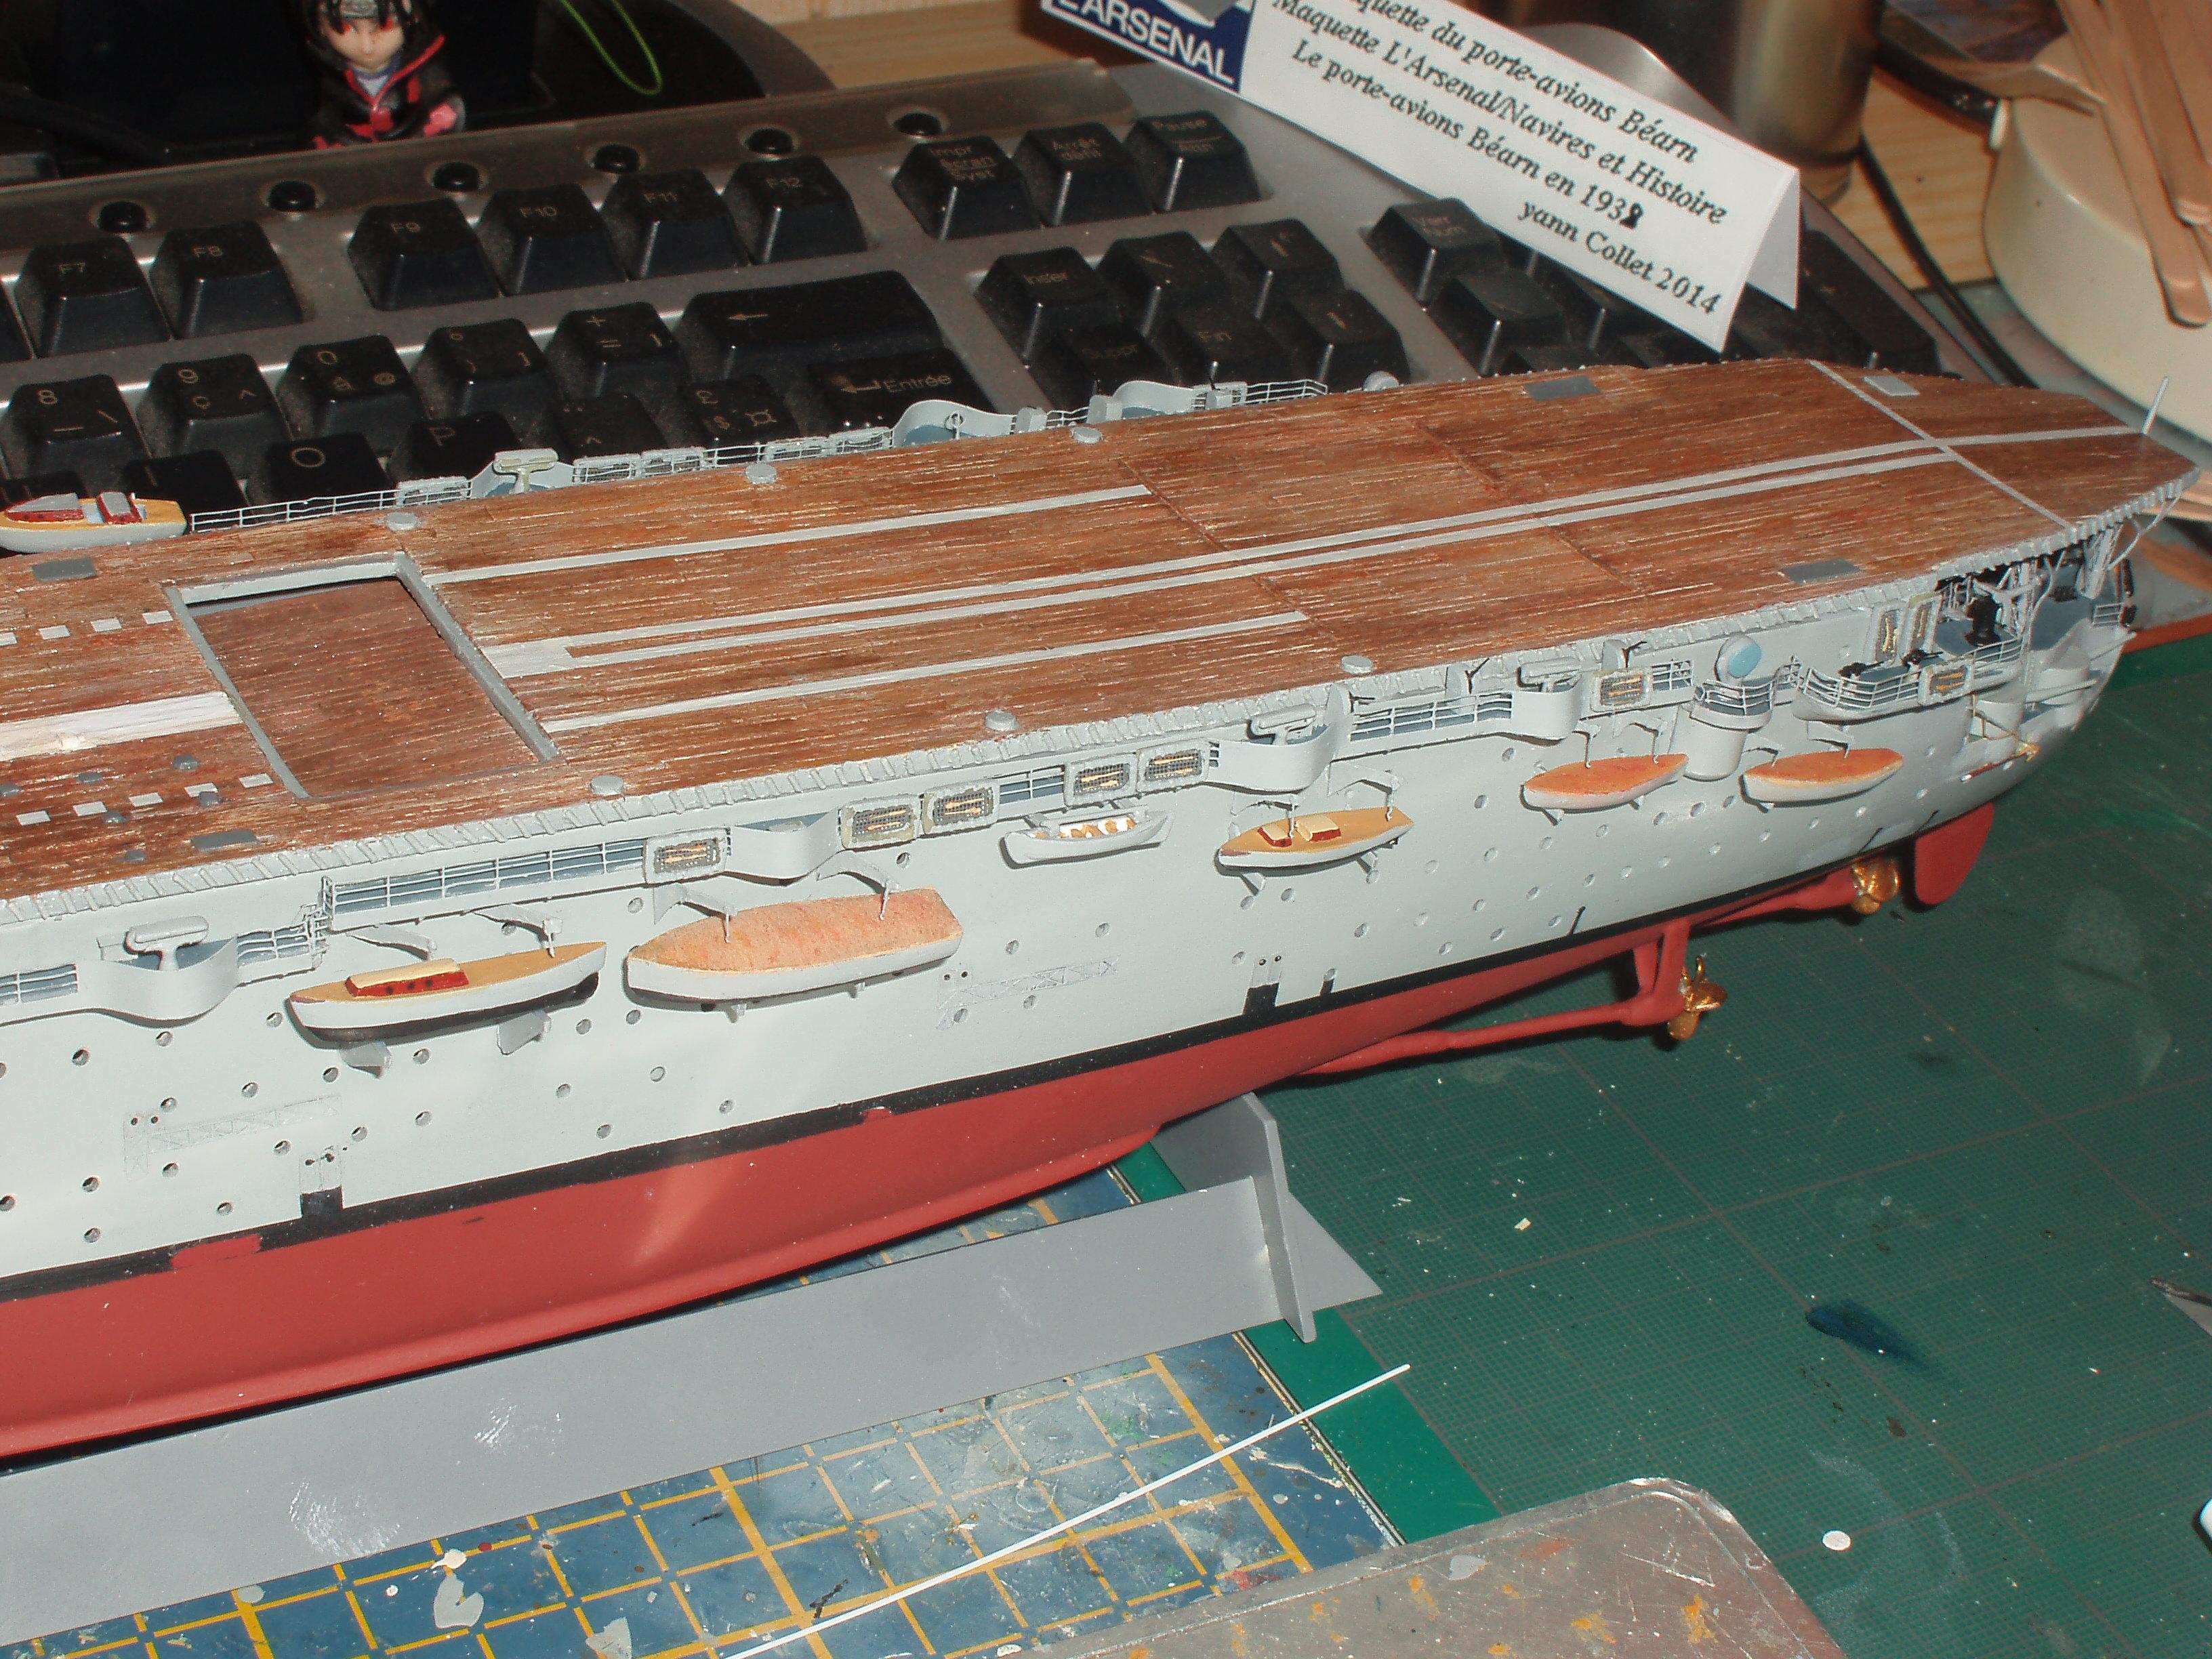 Le porte avions BEARN de l' ARSENAL - Page 2 919220P4170260